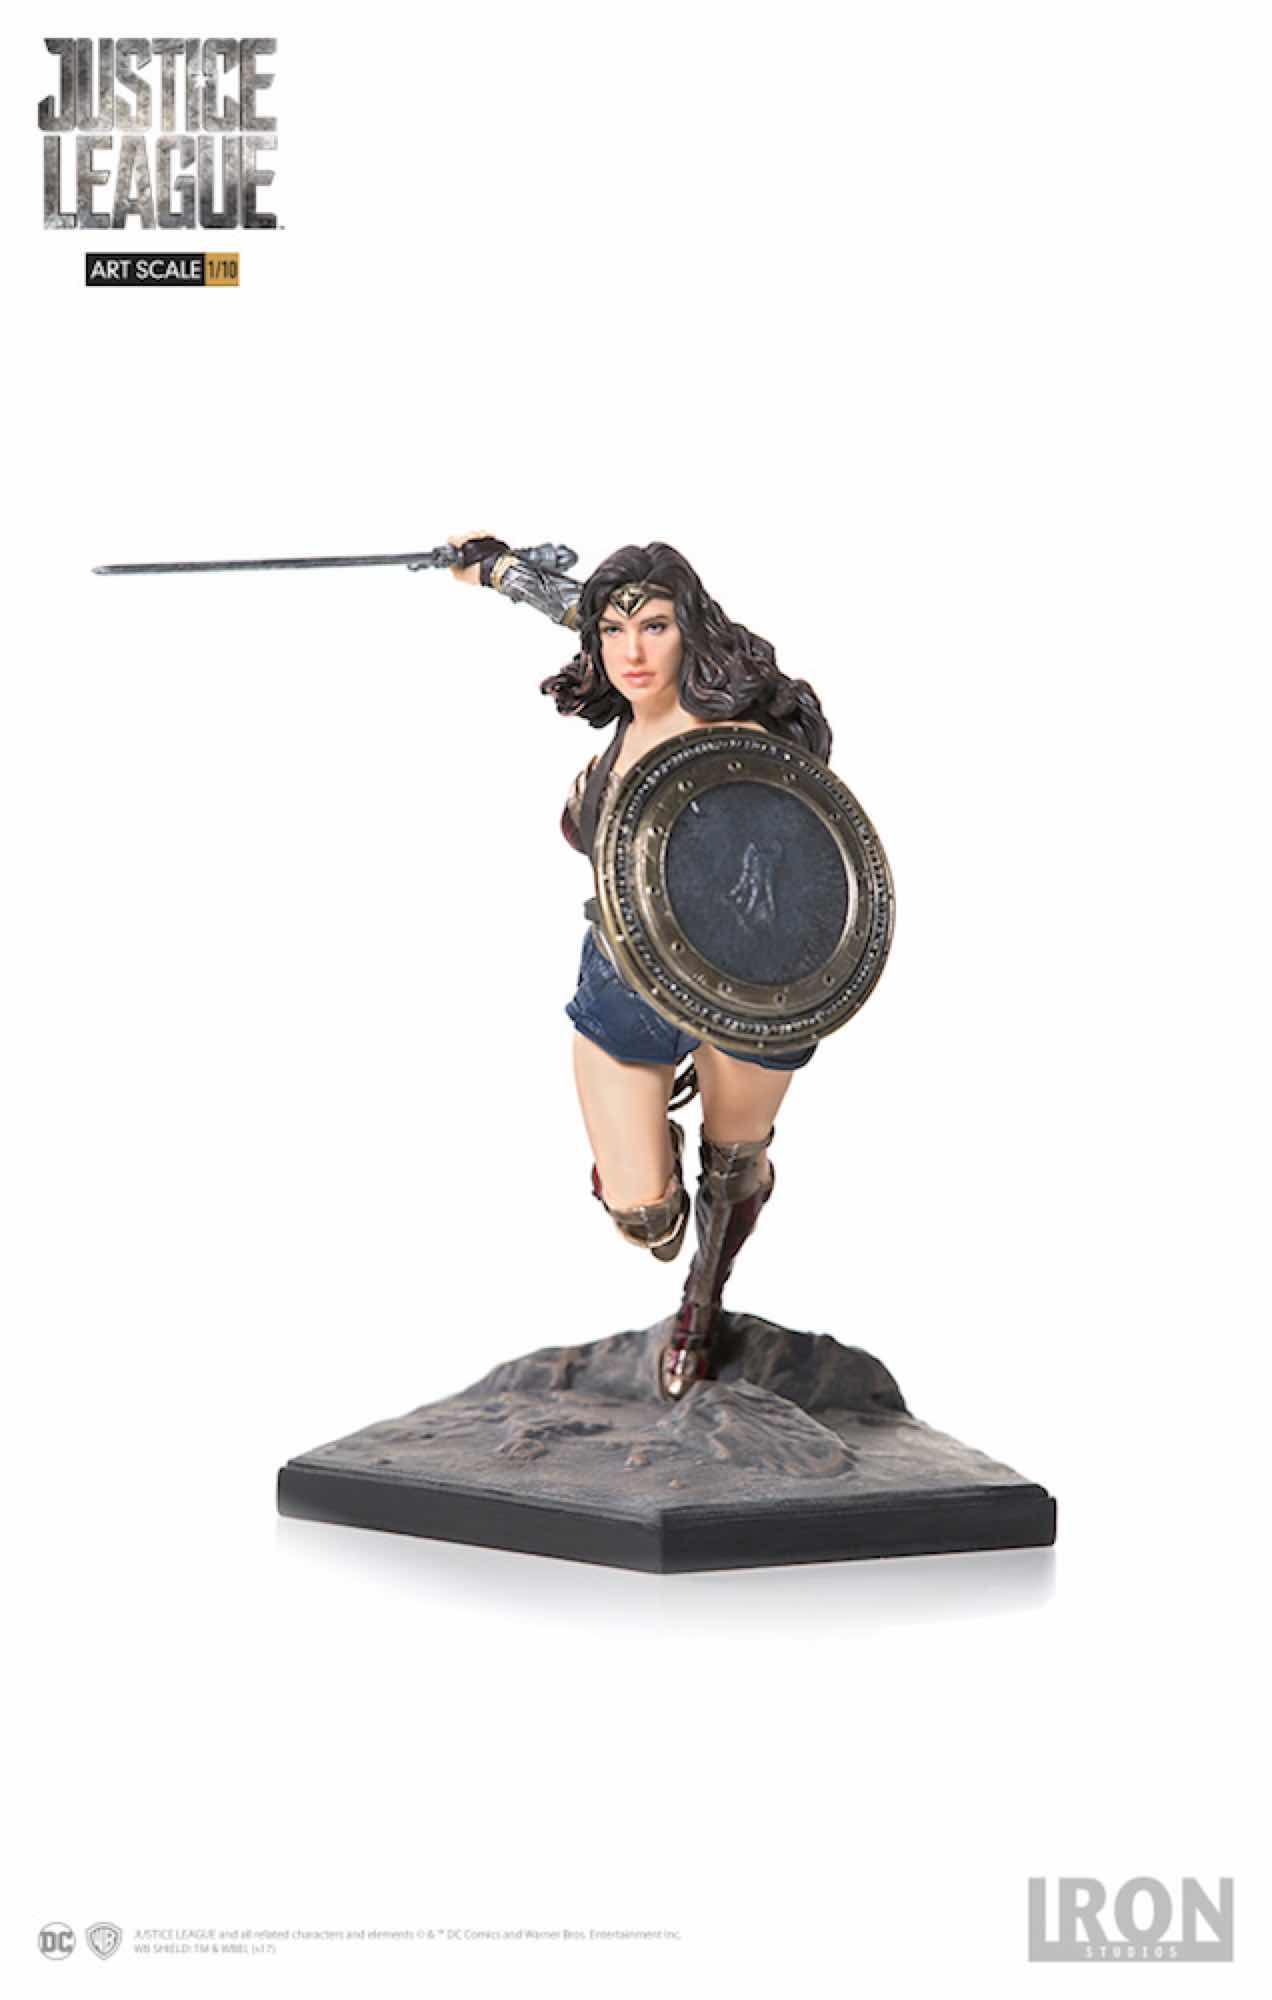 WONDER WOMAN FIG 18 CM JUSTICE LEAGUE DC COMICS IRON STUDIOS 1/10 ART SCALE